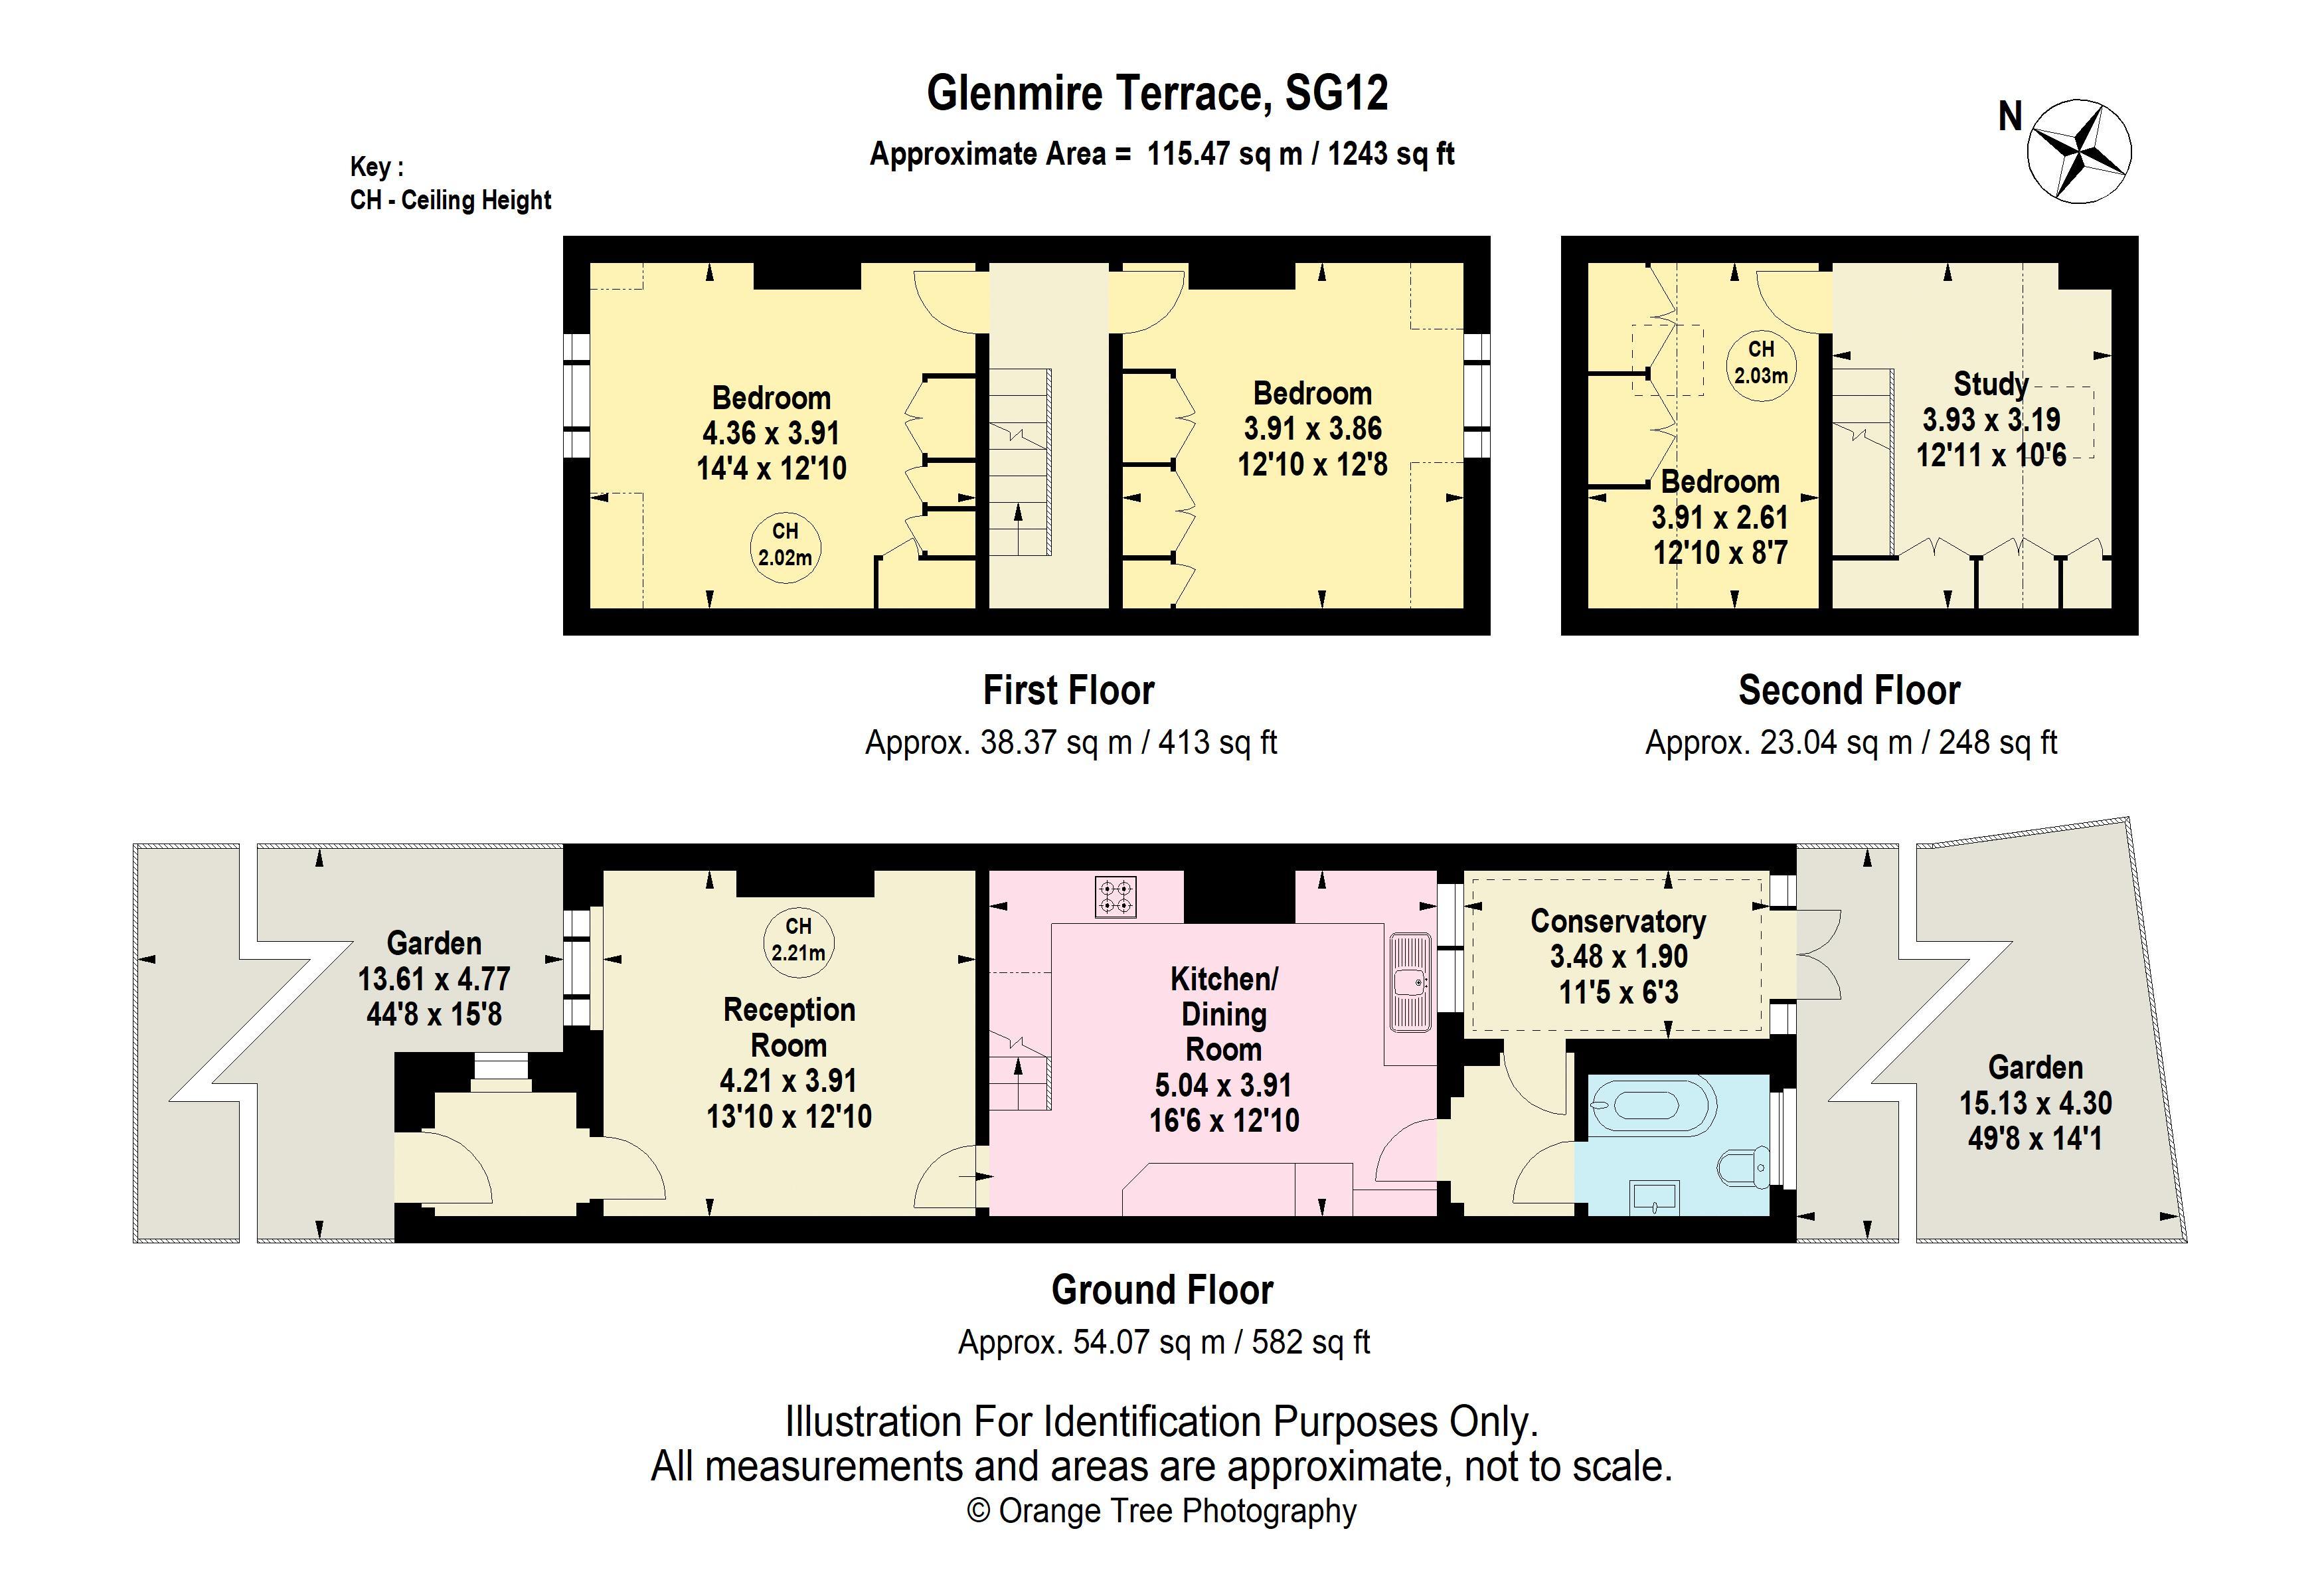 Glenmire Terrace